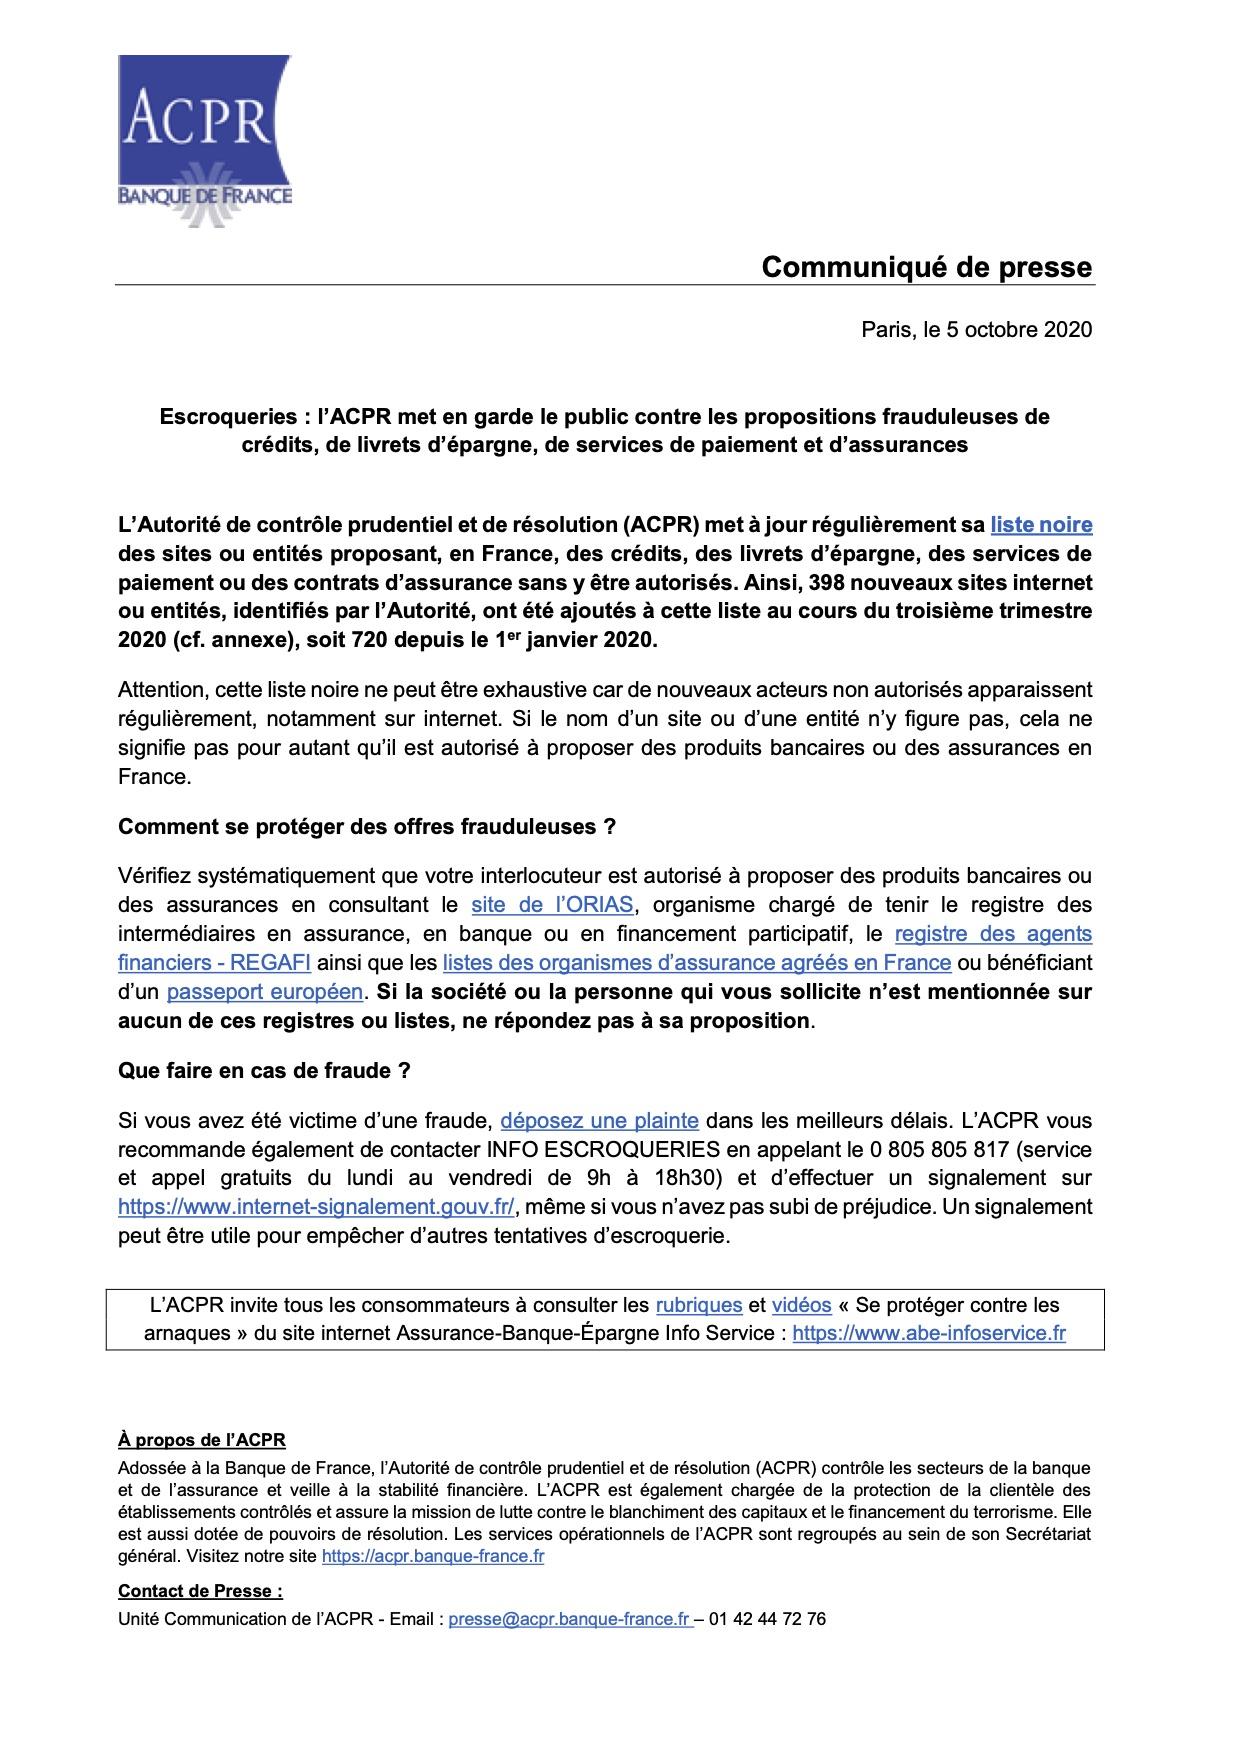 Sites frauduleux assurance 20201005_cp_acpr_liste_noire_credits_livrets_paiements_assurances P1